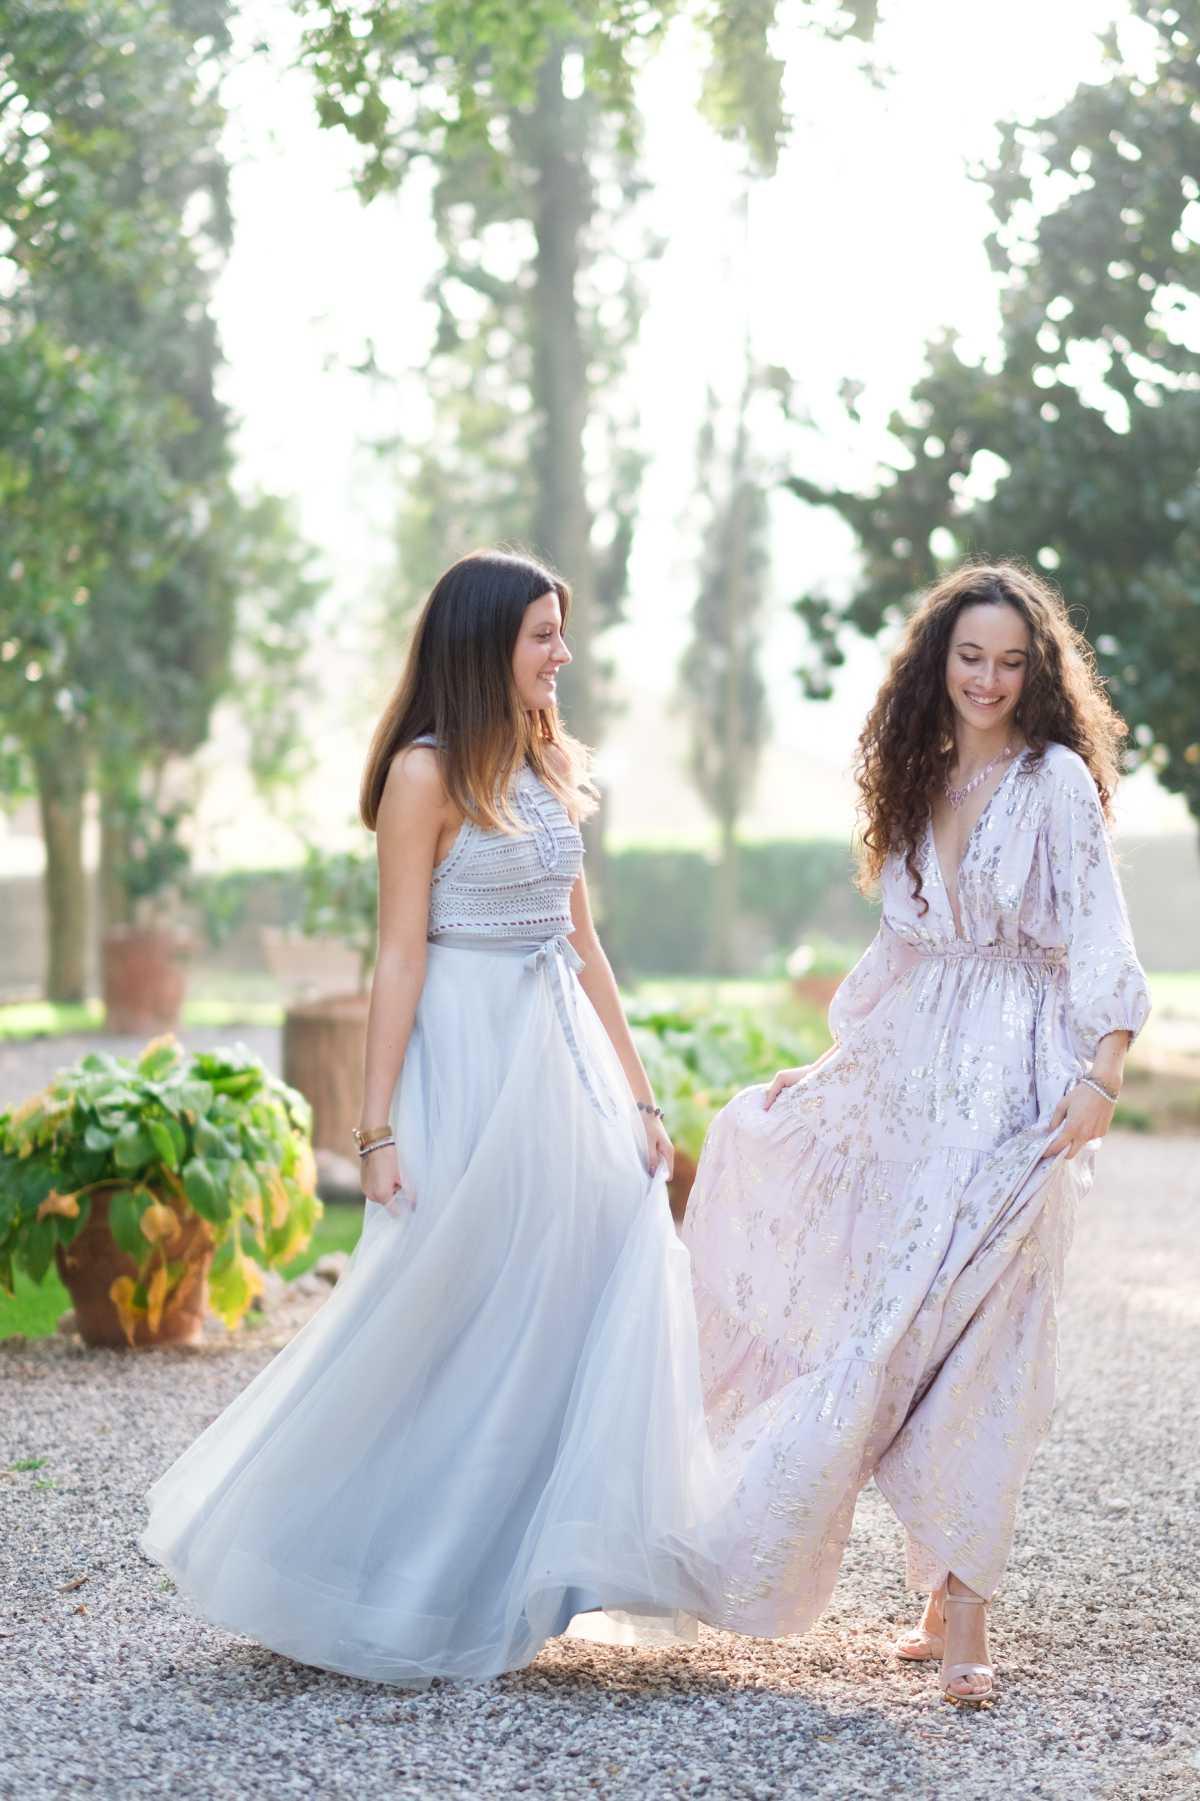 Sfilata di abiti di Dolcera a Villa dei Cipressi a Verona